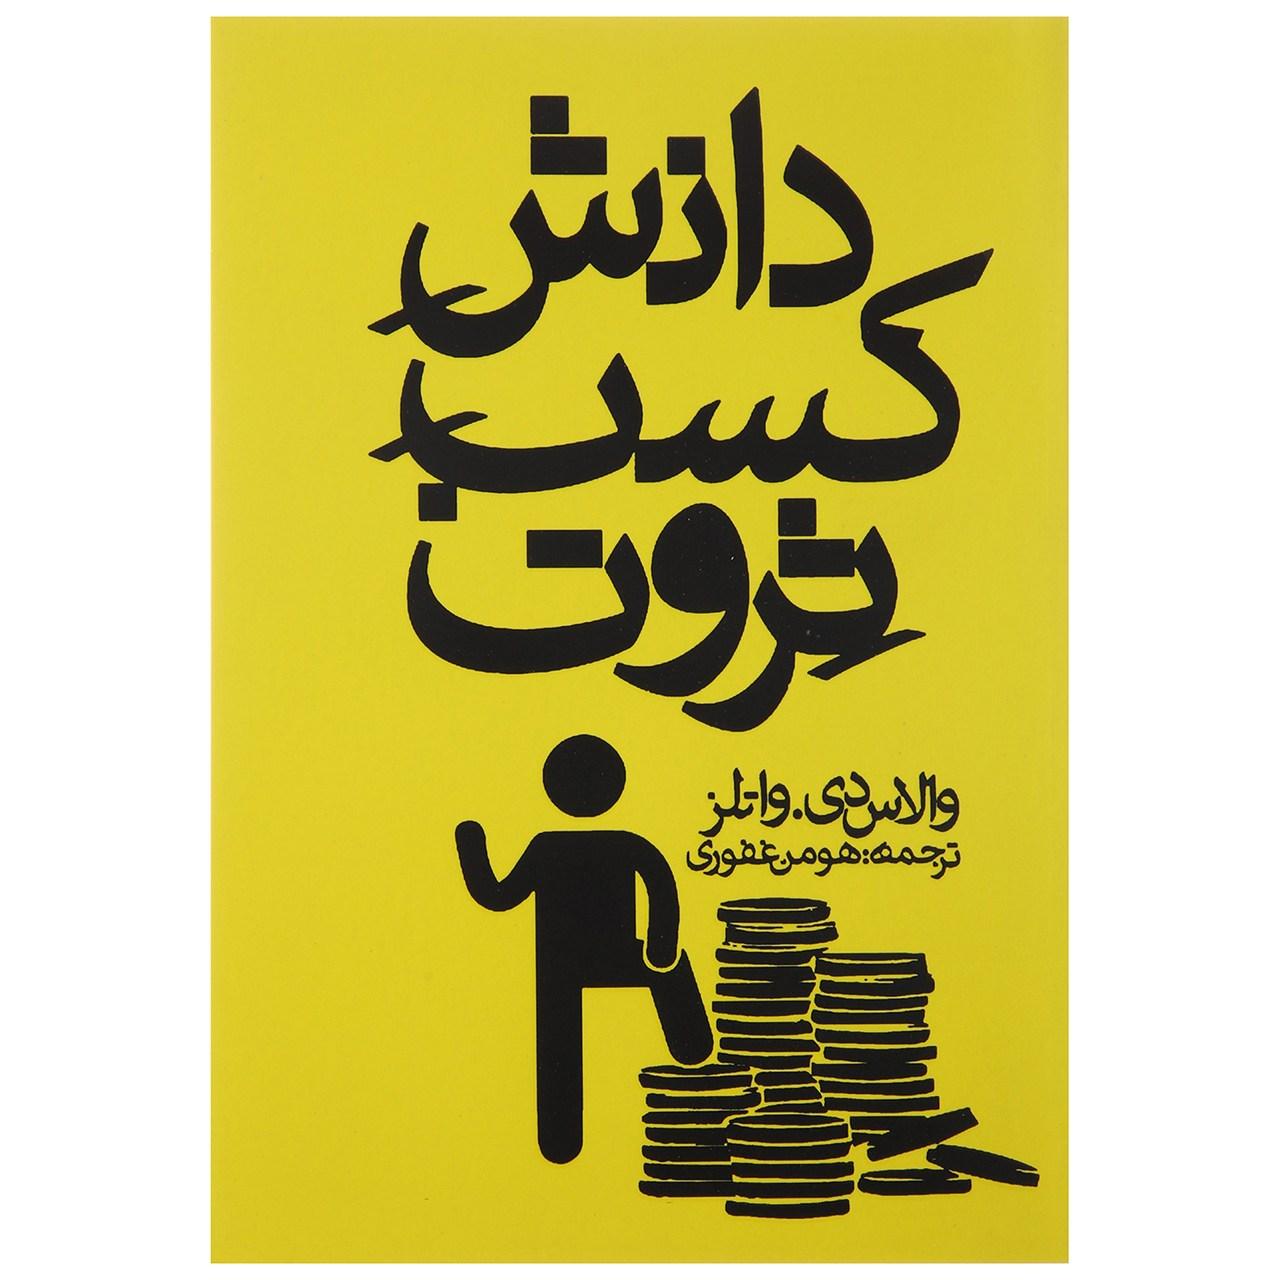 کتاب دانش کسب ثروت اثر والاس دی واتلز